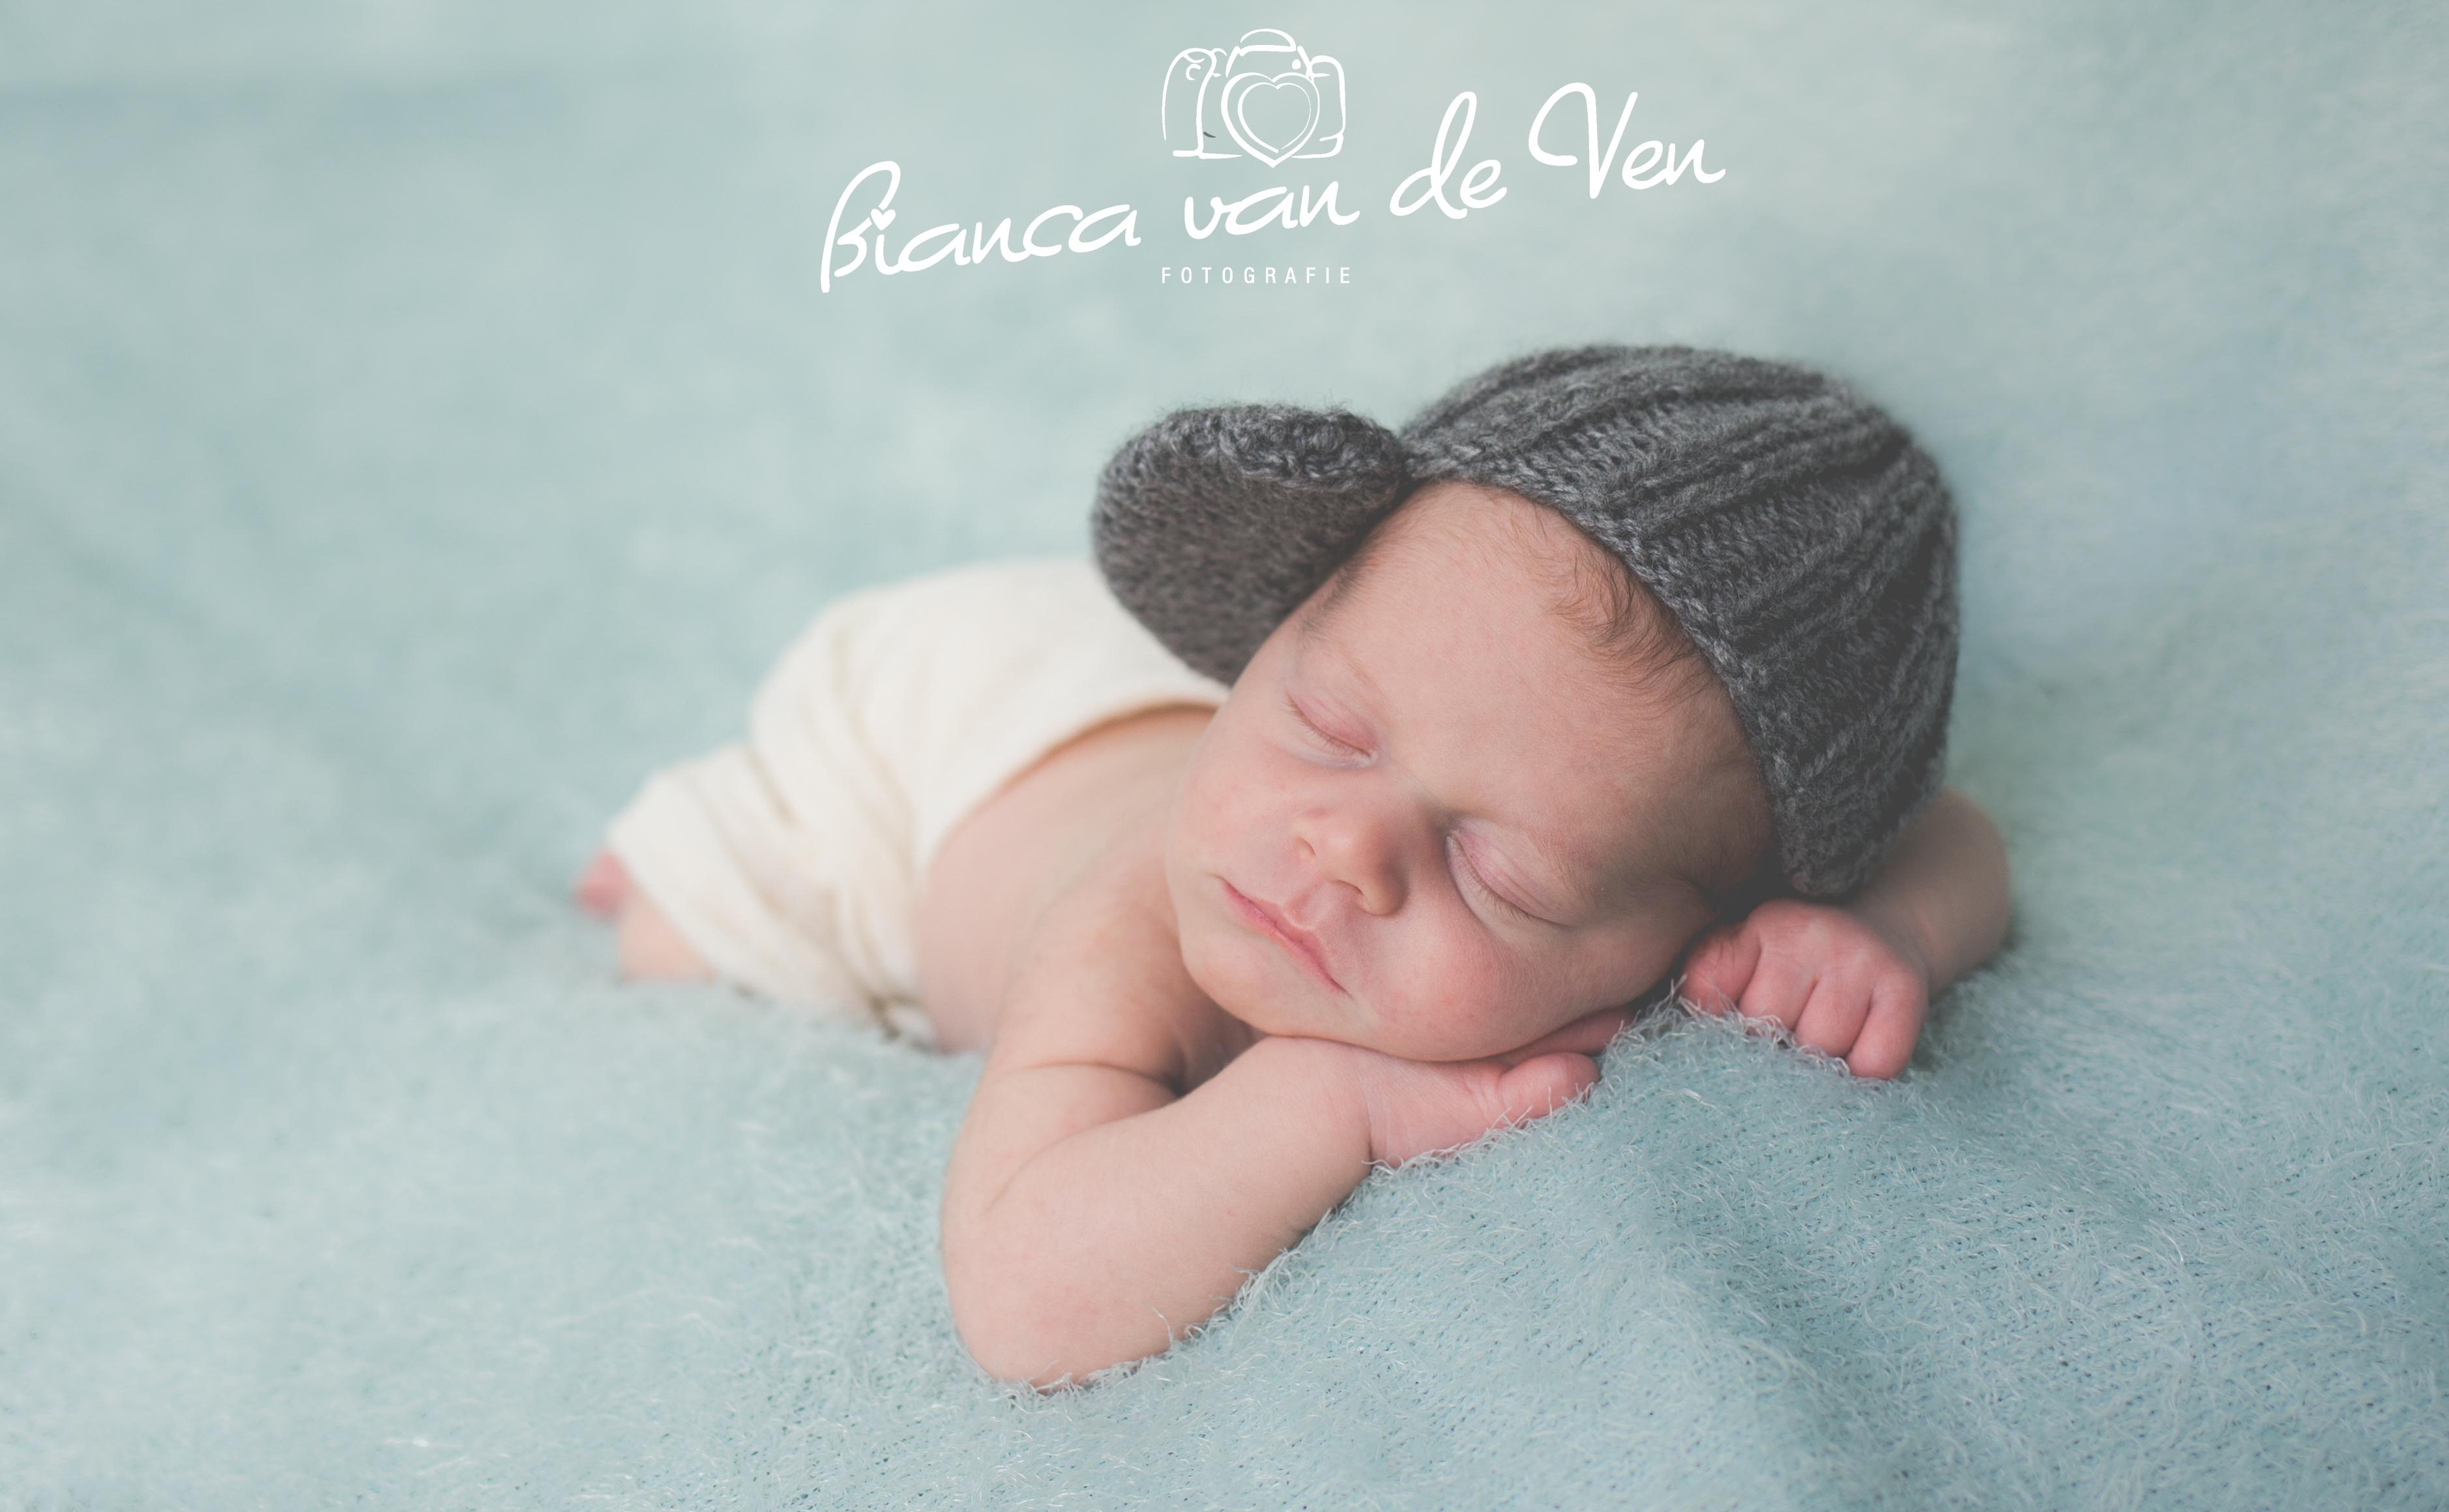 fotoshoot newborn bianca van de ven fotografie